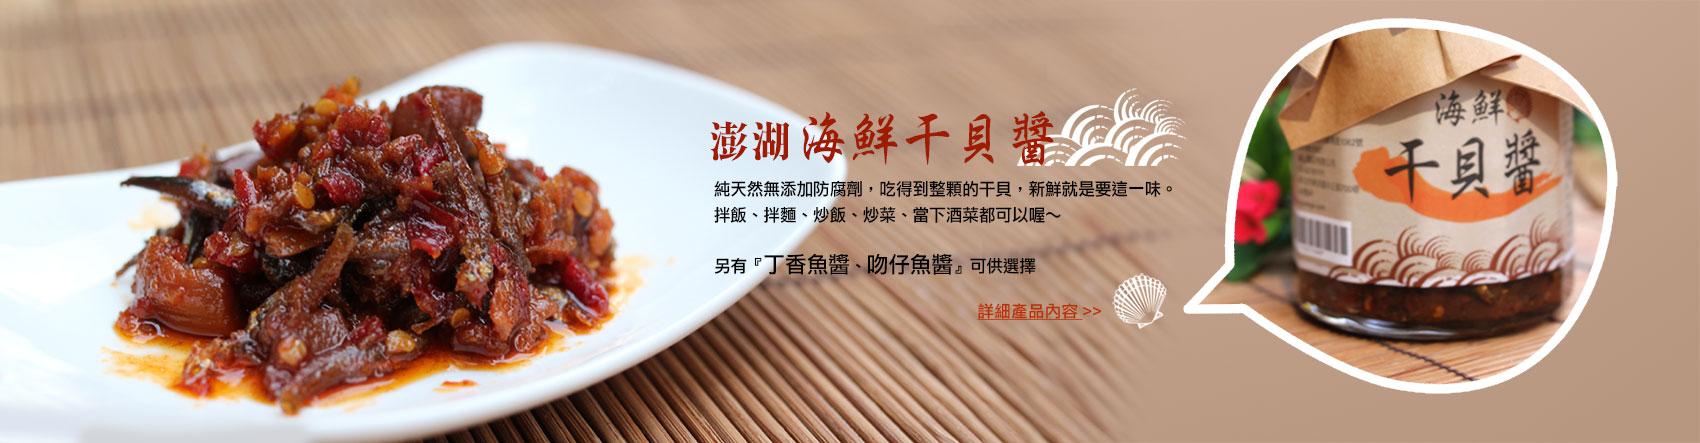 seafood-sauces_1700